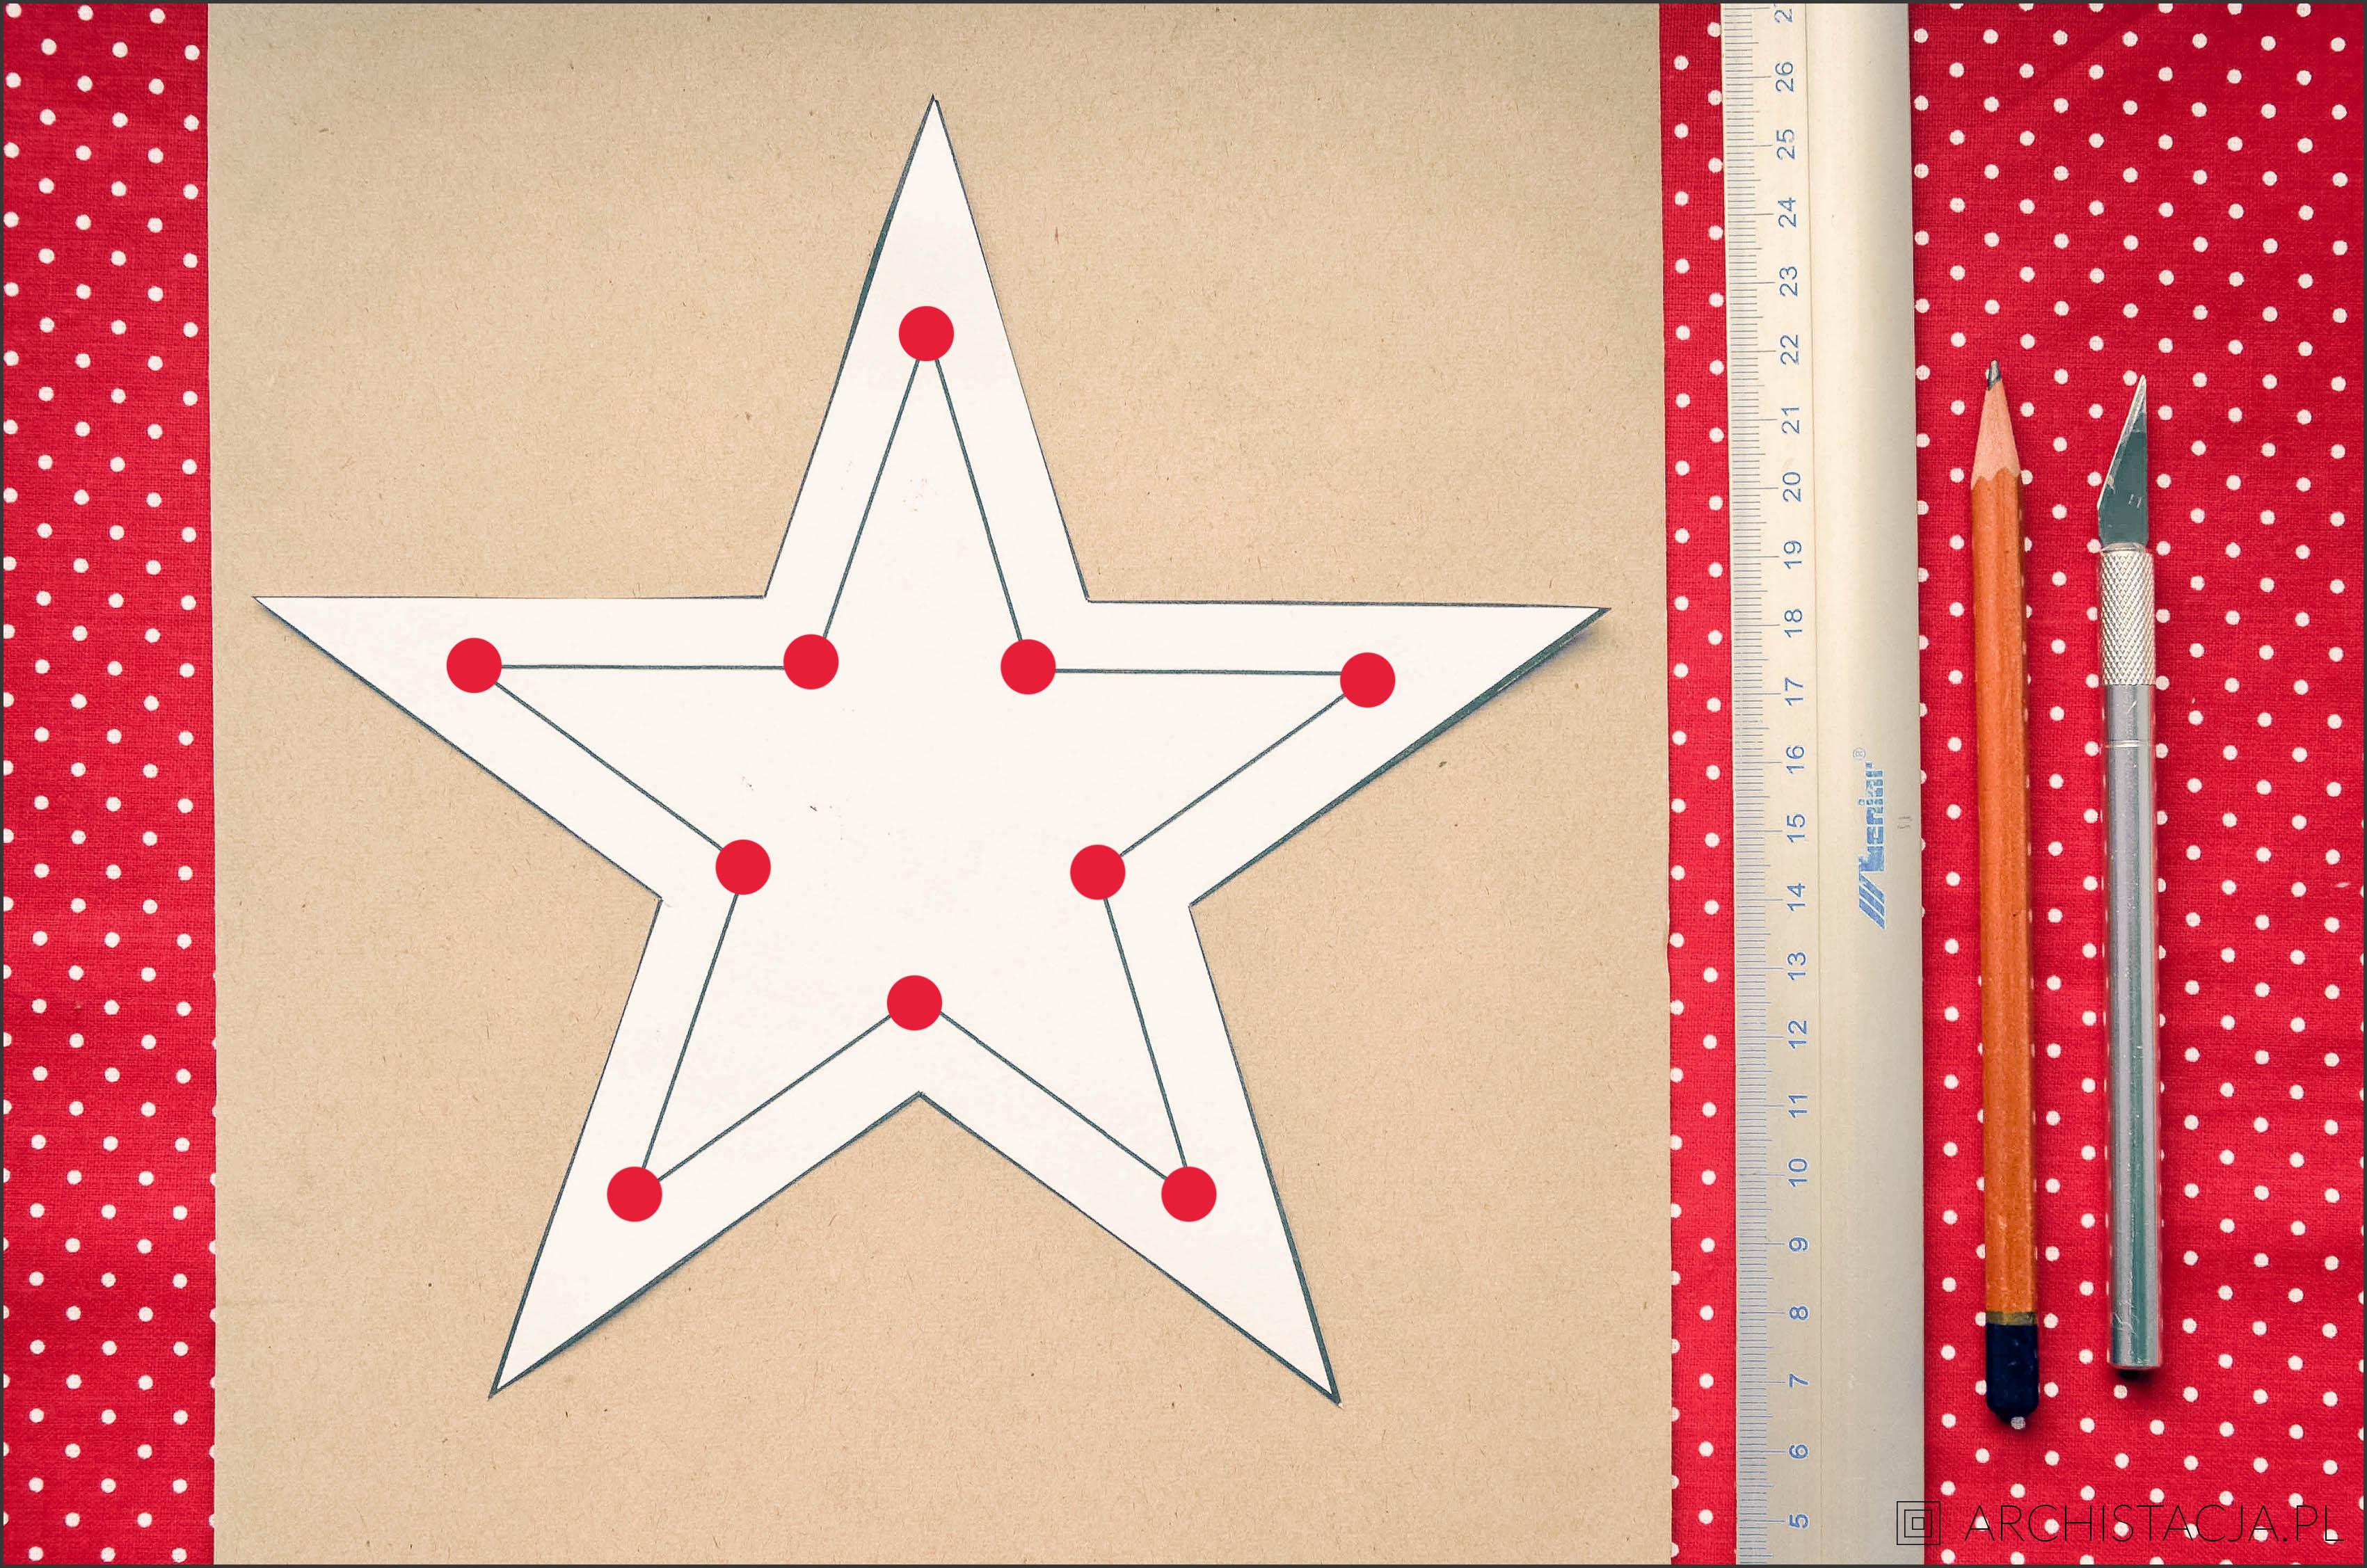 gwiazda ze sznurka